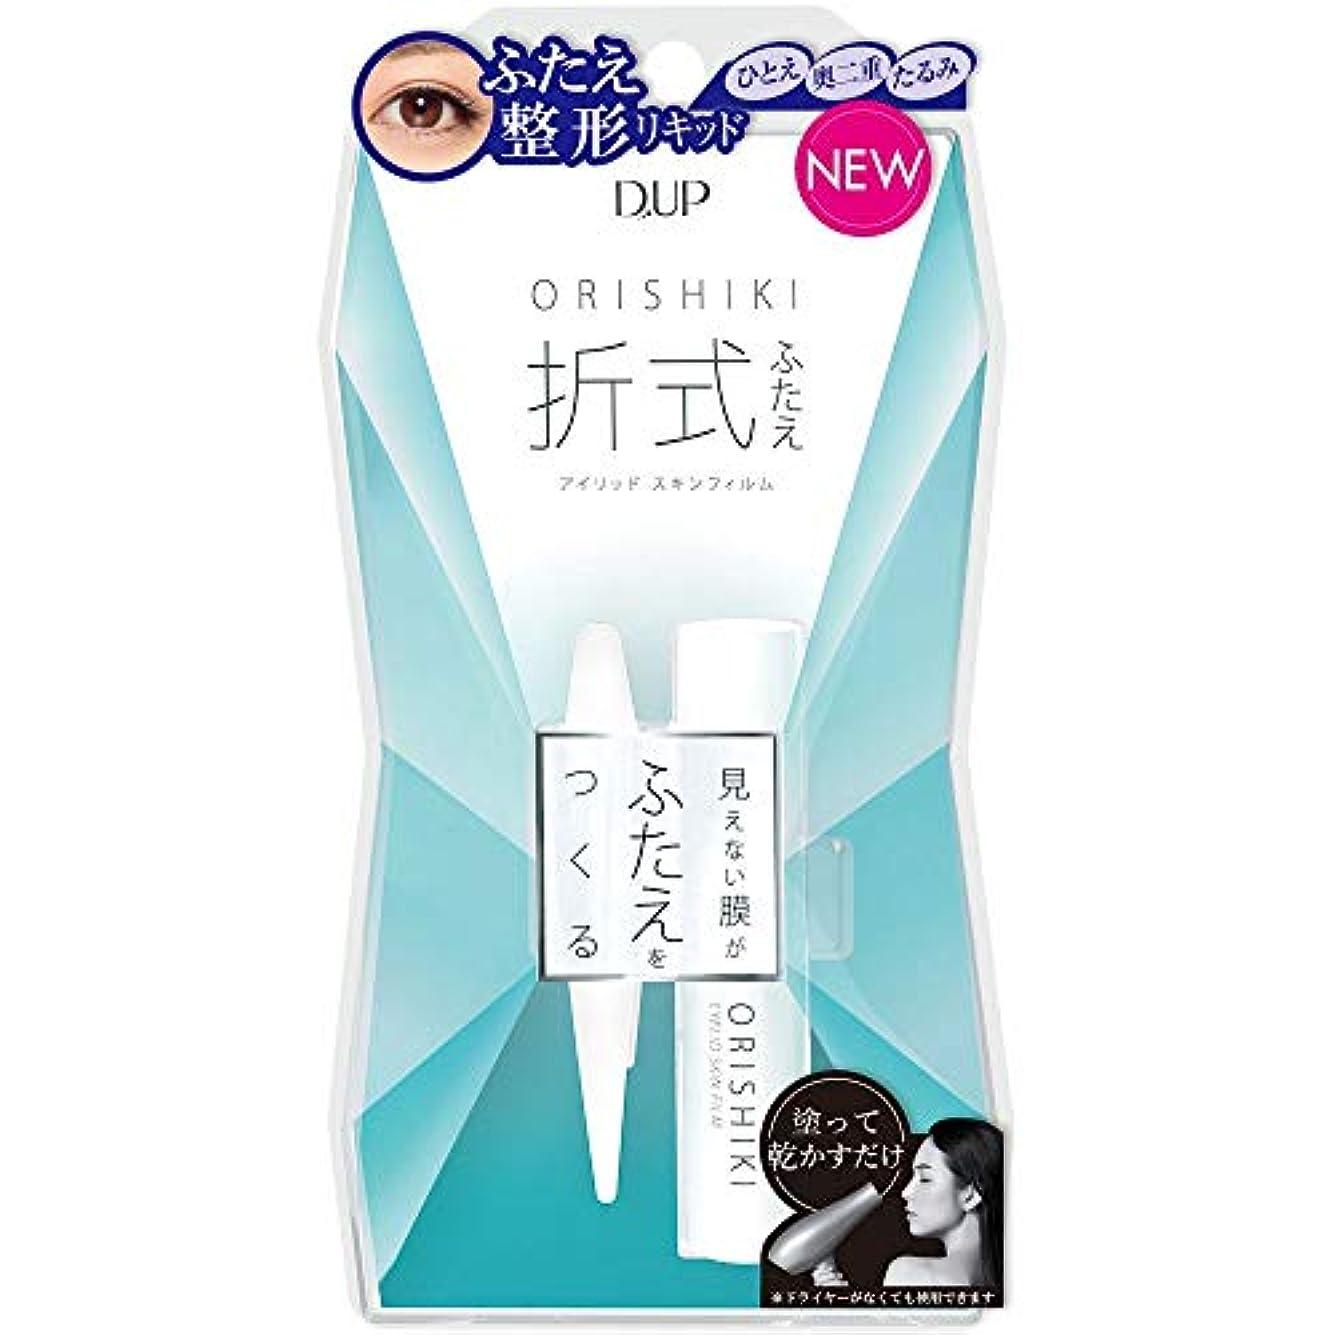 サーバントカニ劇的ディーアップ オリシキ アイリッドスキンフィルム (4mL)